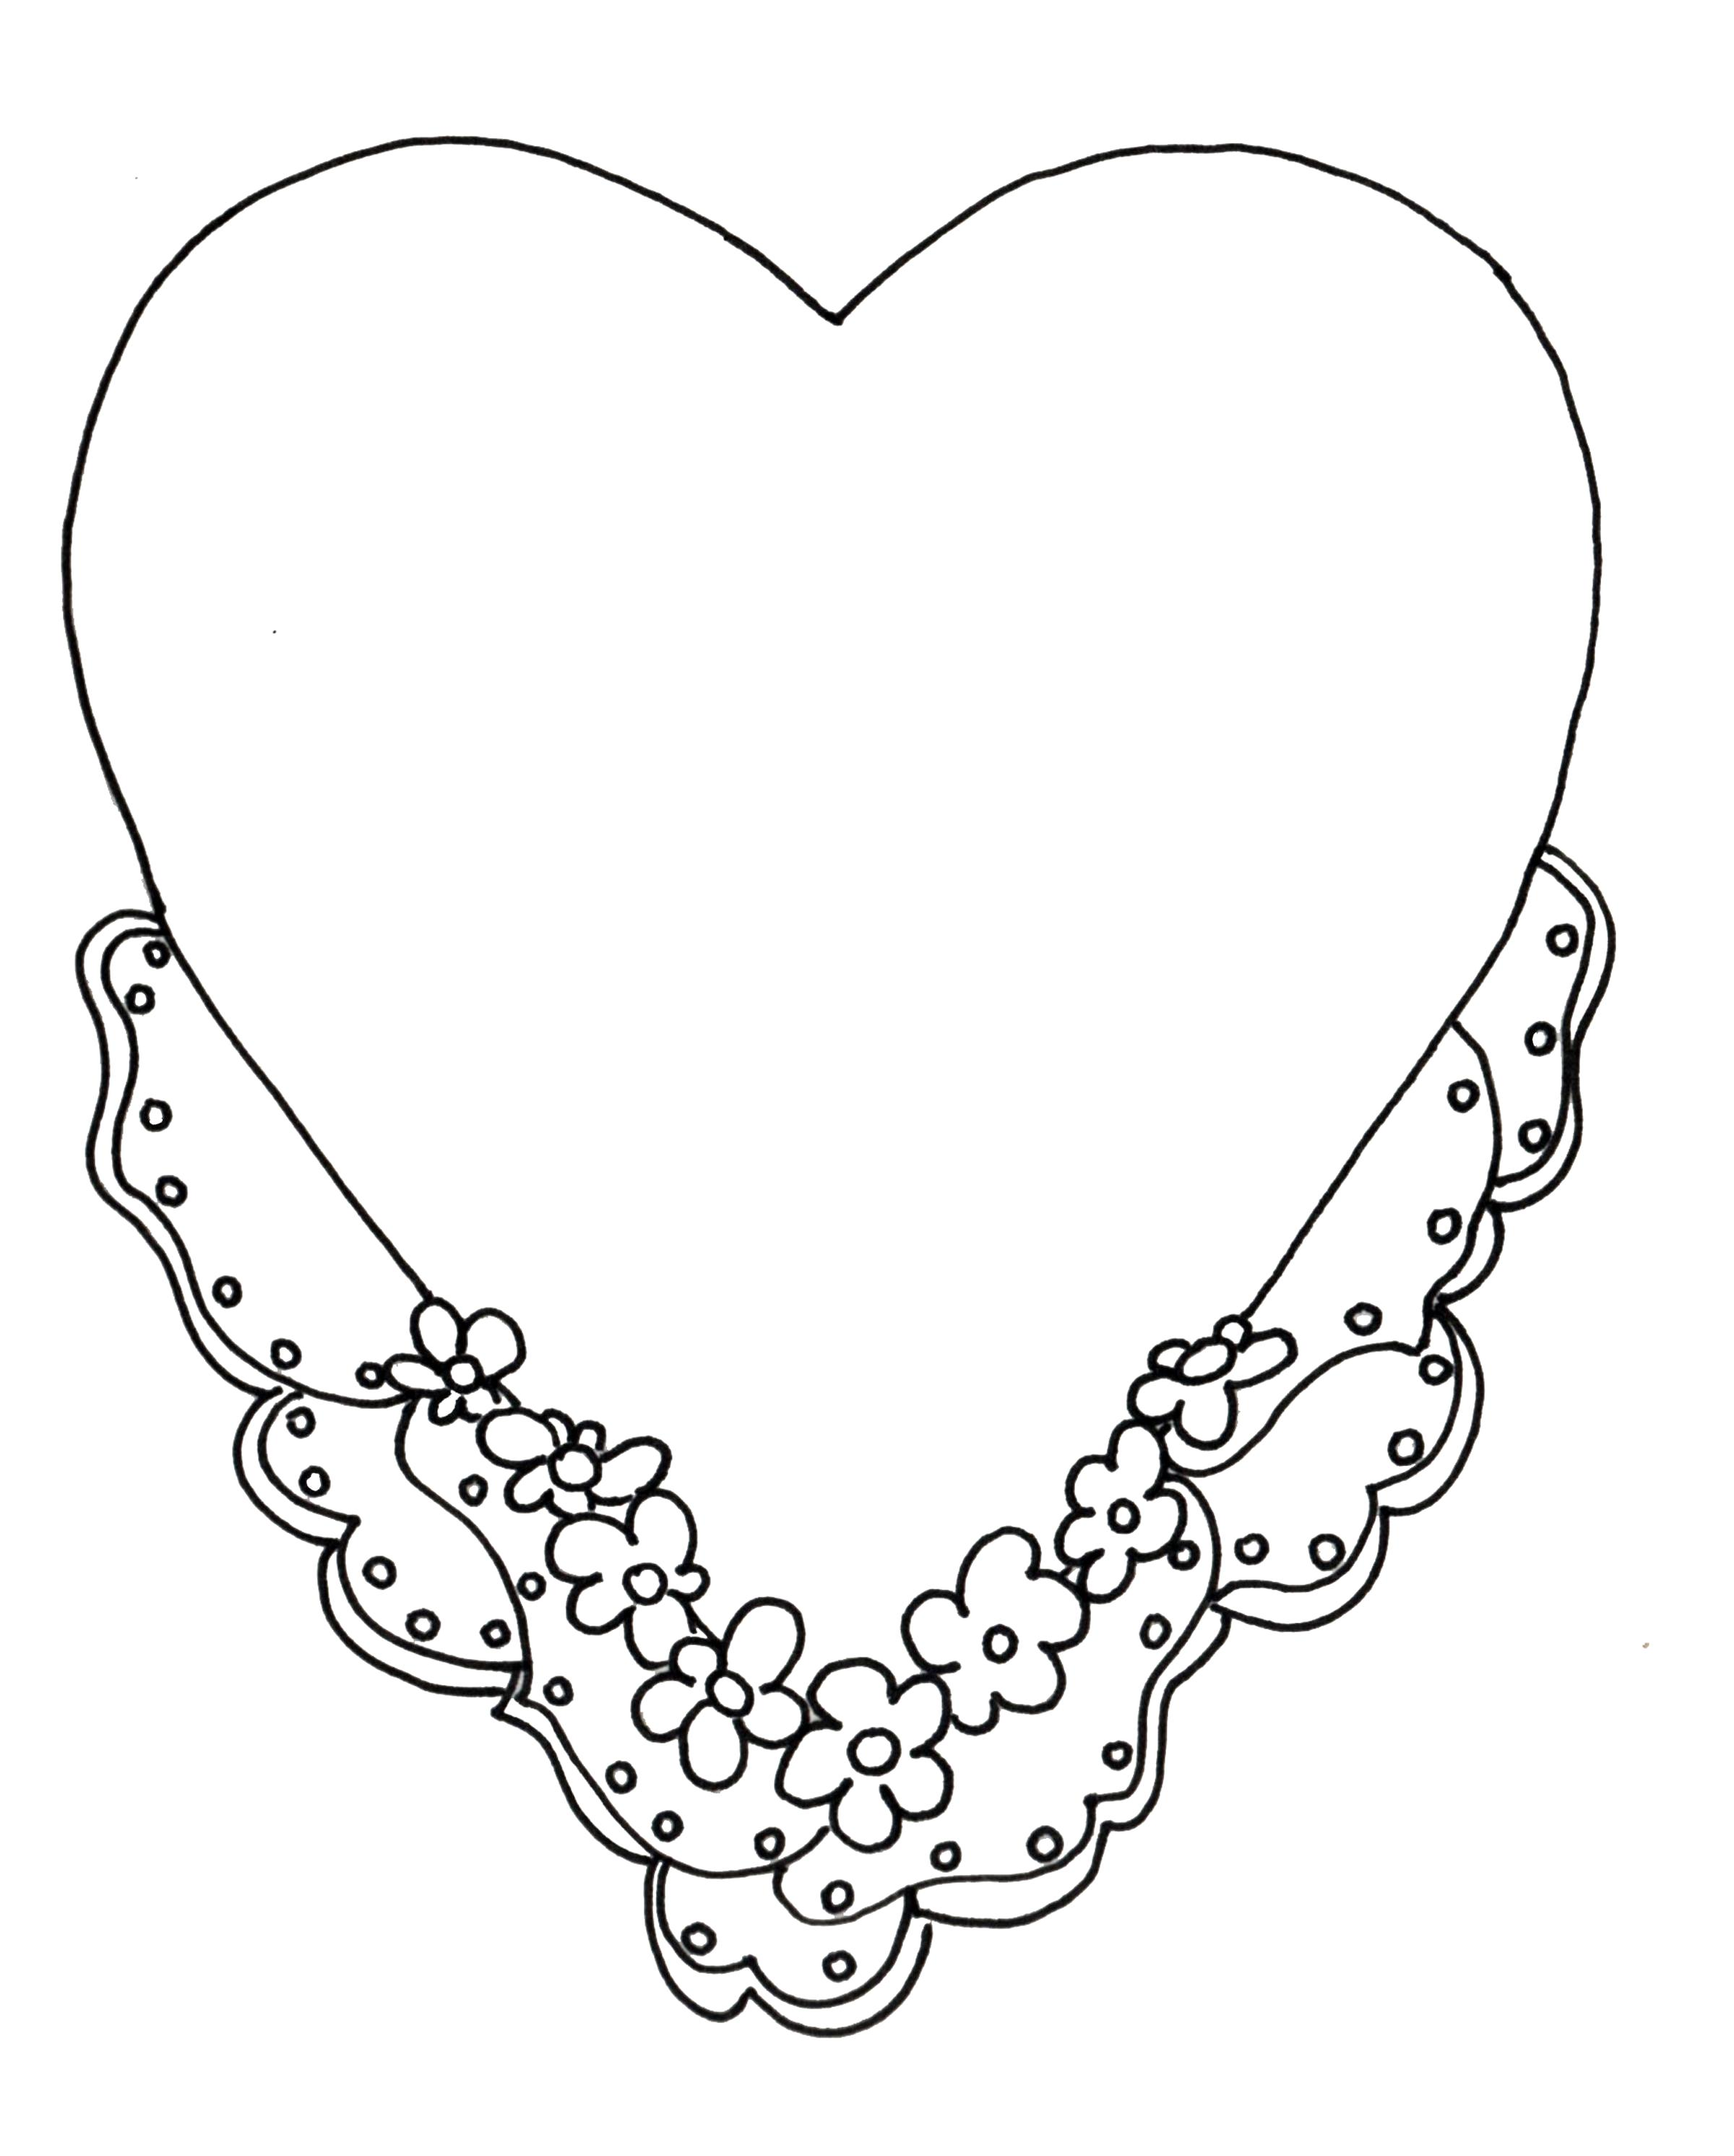 Раскраска  шаблоны сердечек для вырезания  сердце с цветочками для вырезания из бумаги. Скачать сердце.  Распечатать сердце